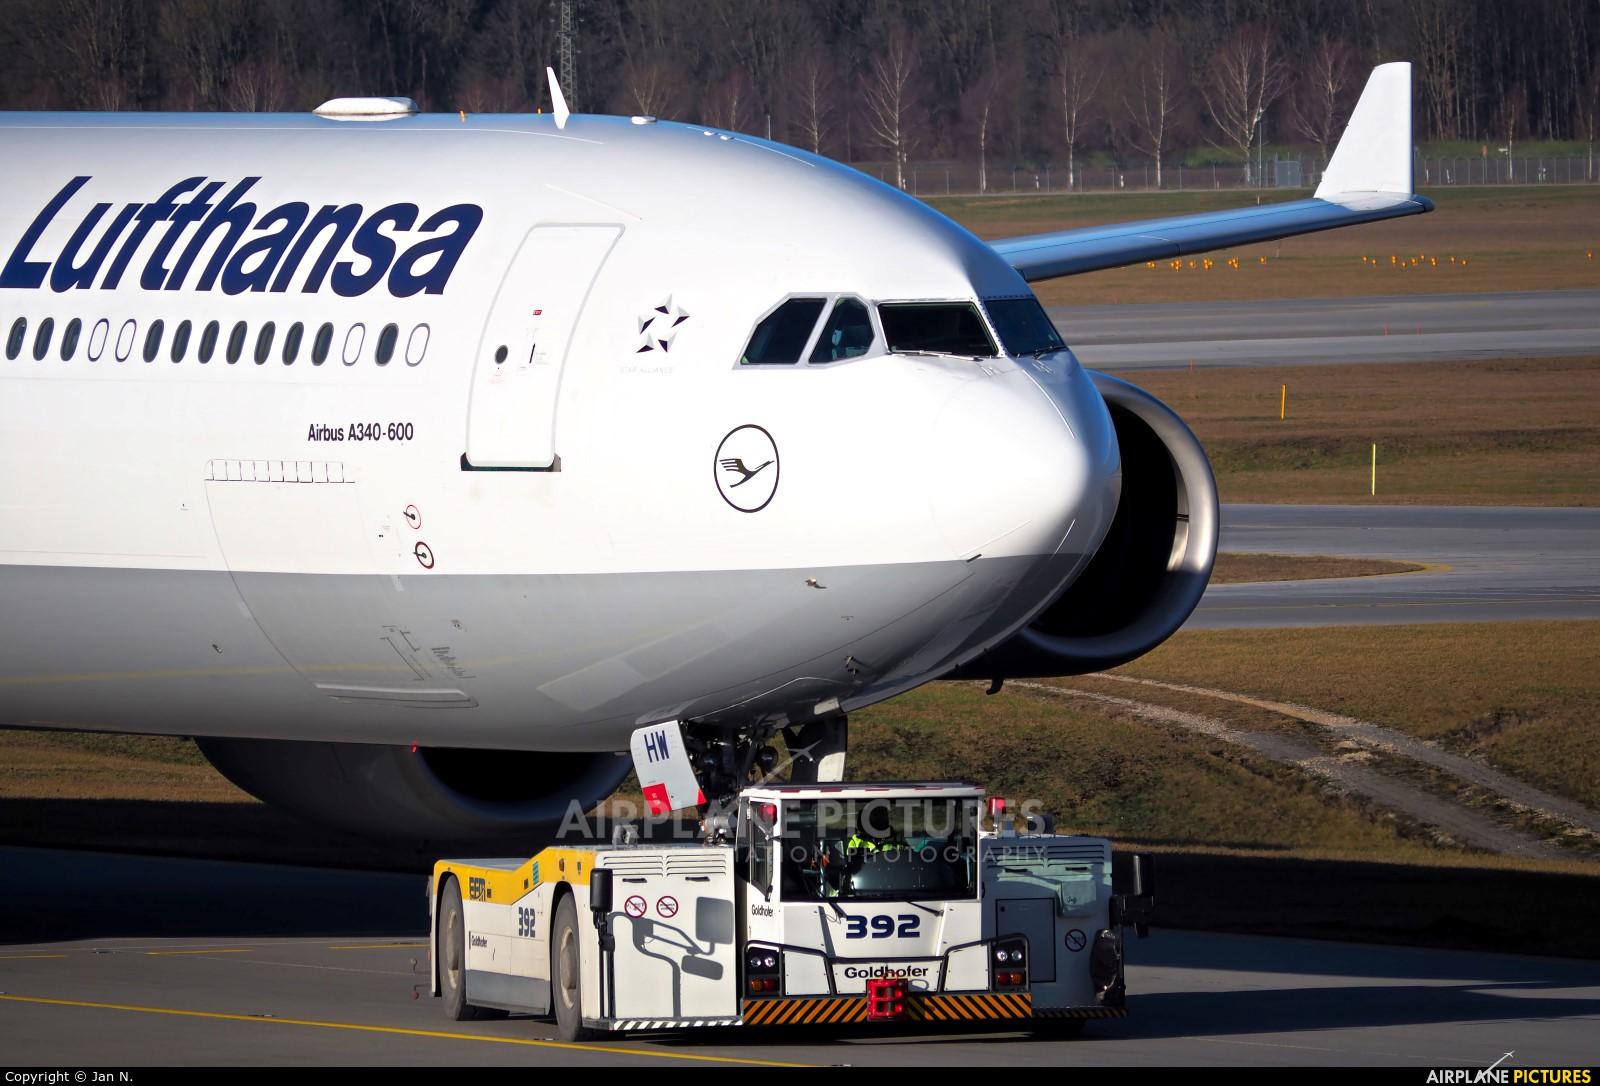 Lufthansa D-AIHW aircraft at Munich